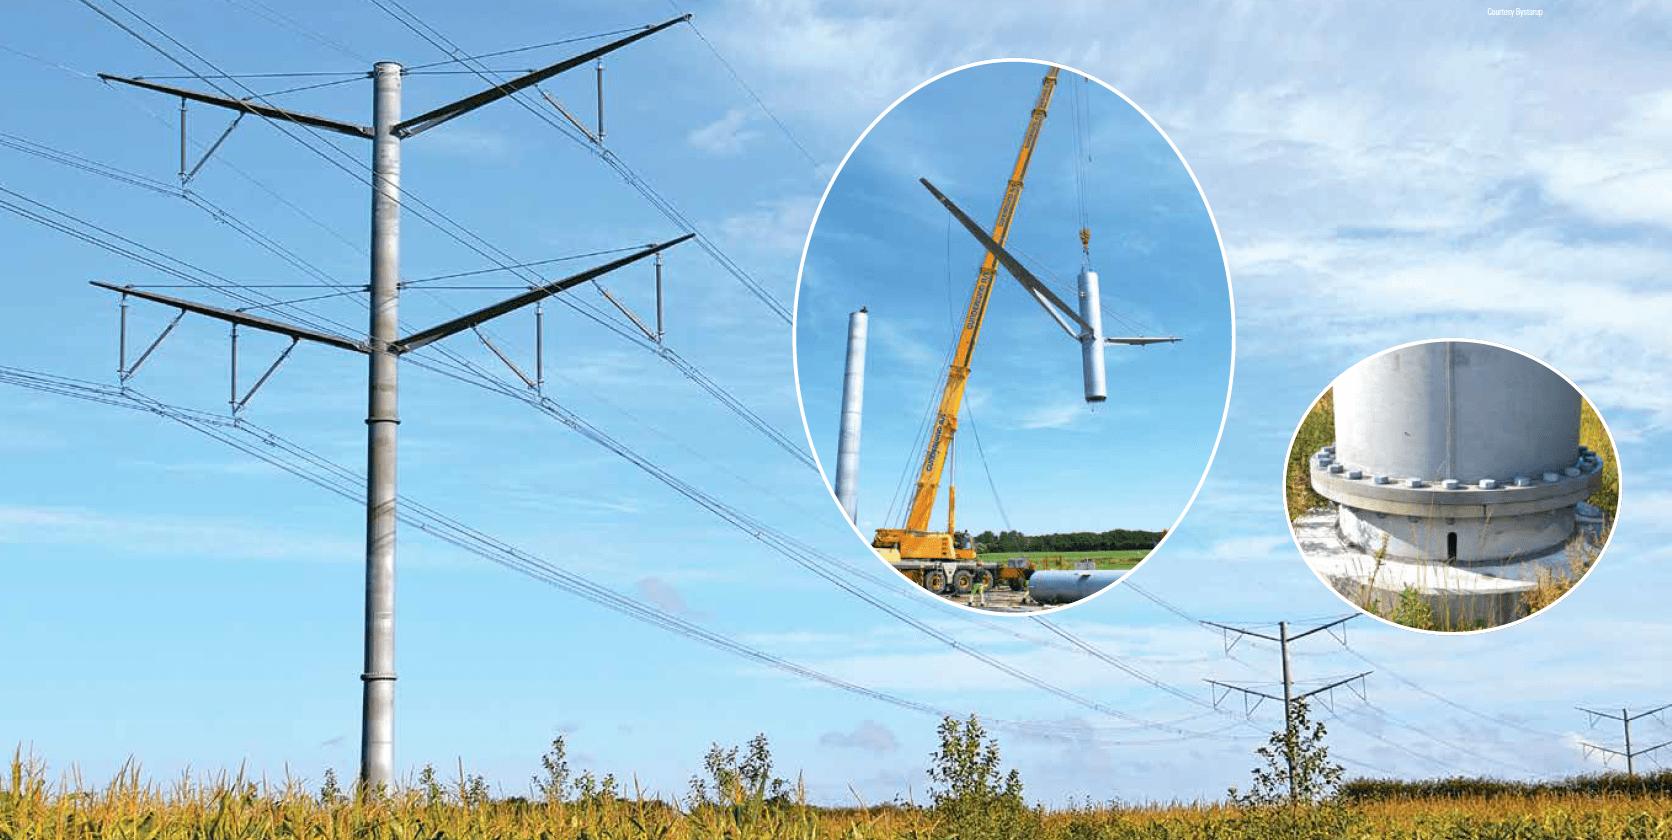 line Aesthetic Design Helped Danish TSO Obtain Approval for New 400 kV Line Screen Shot 2017 09 11 at 10